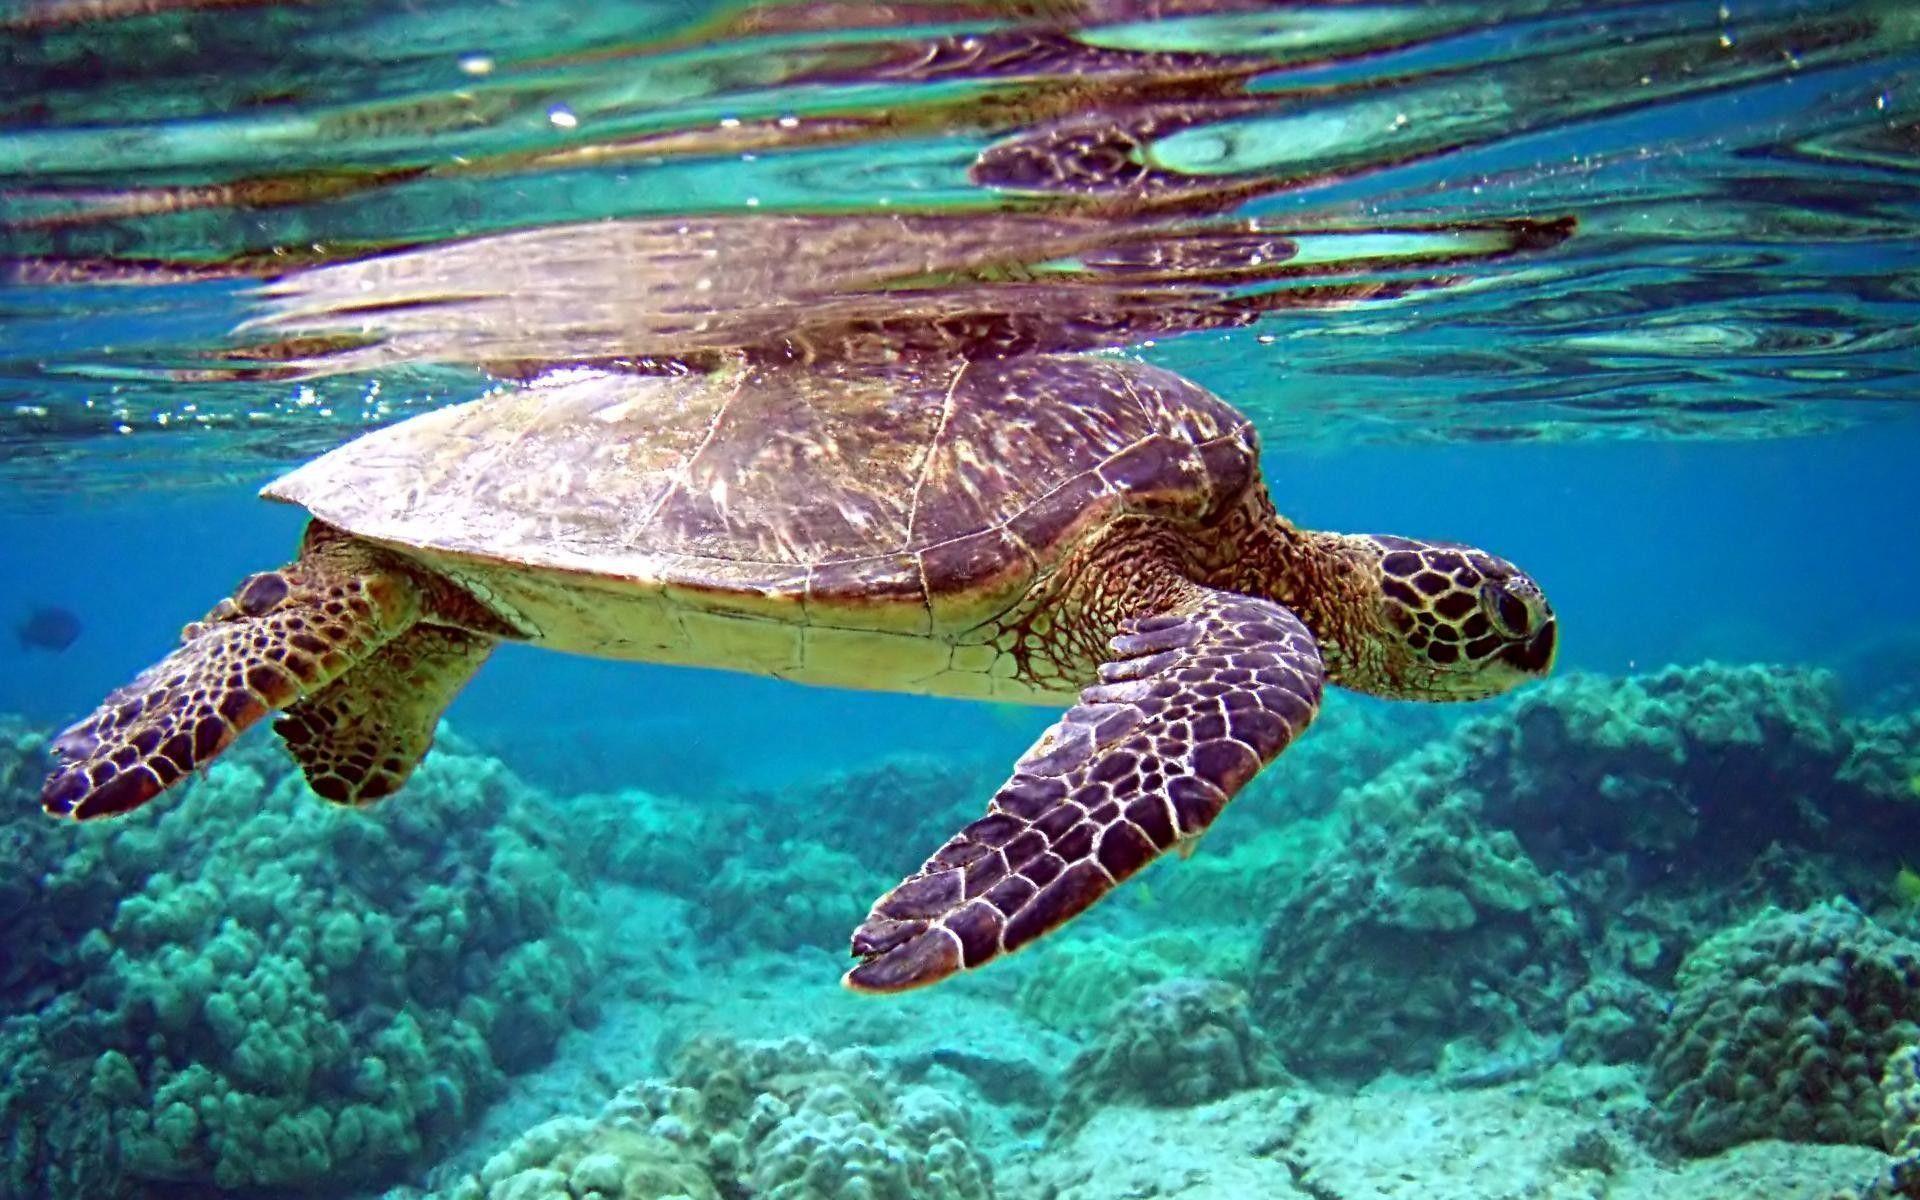 pictures of the ocean underwater